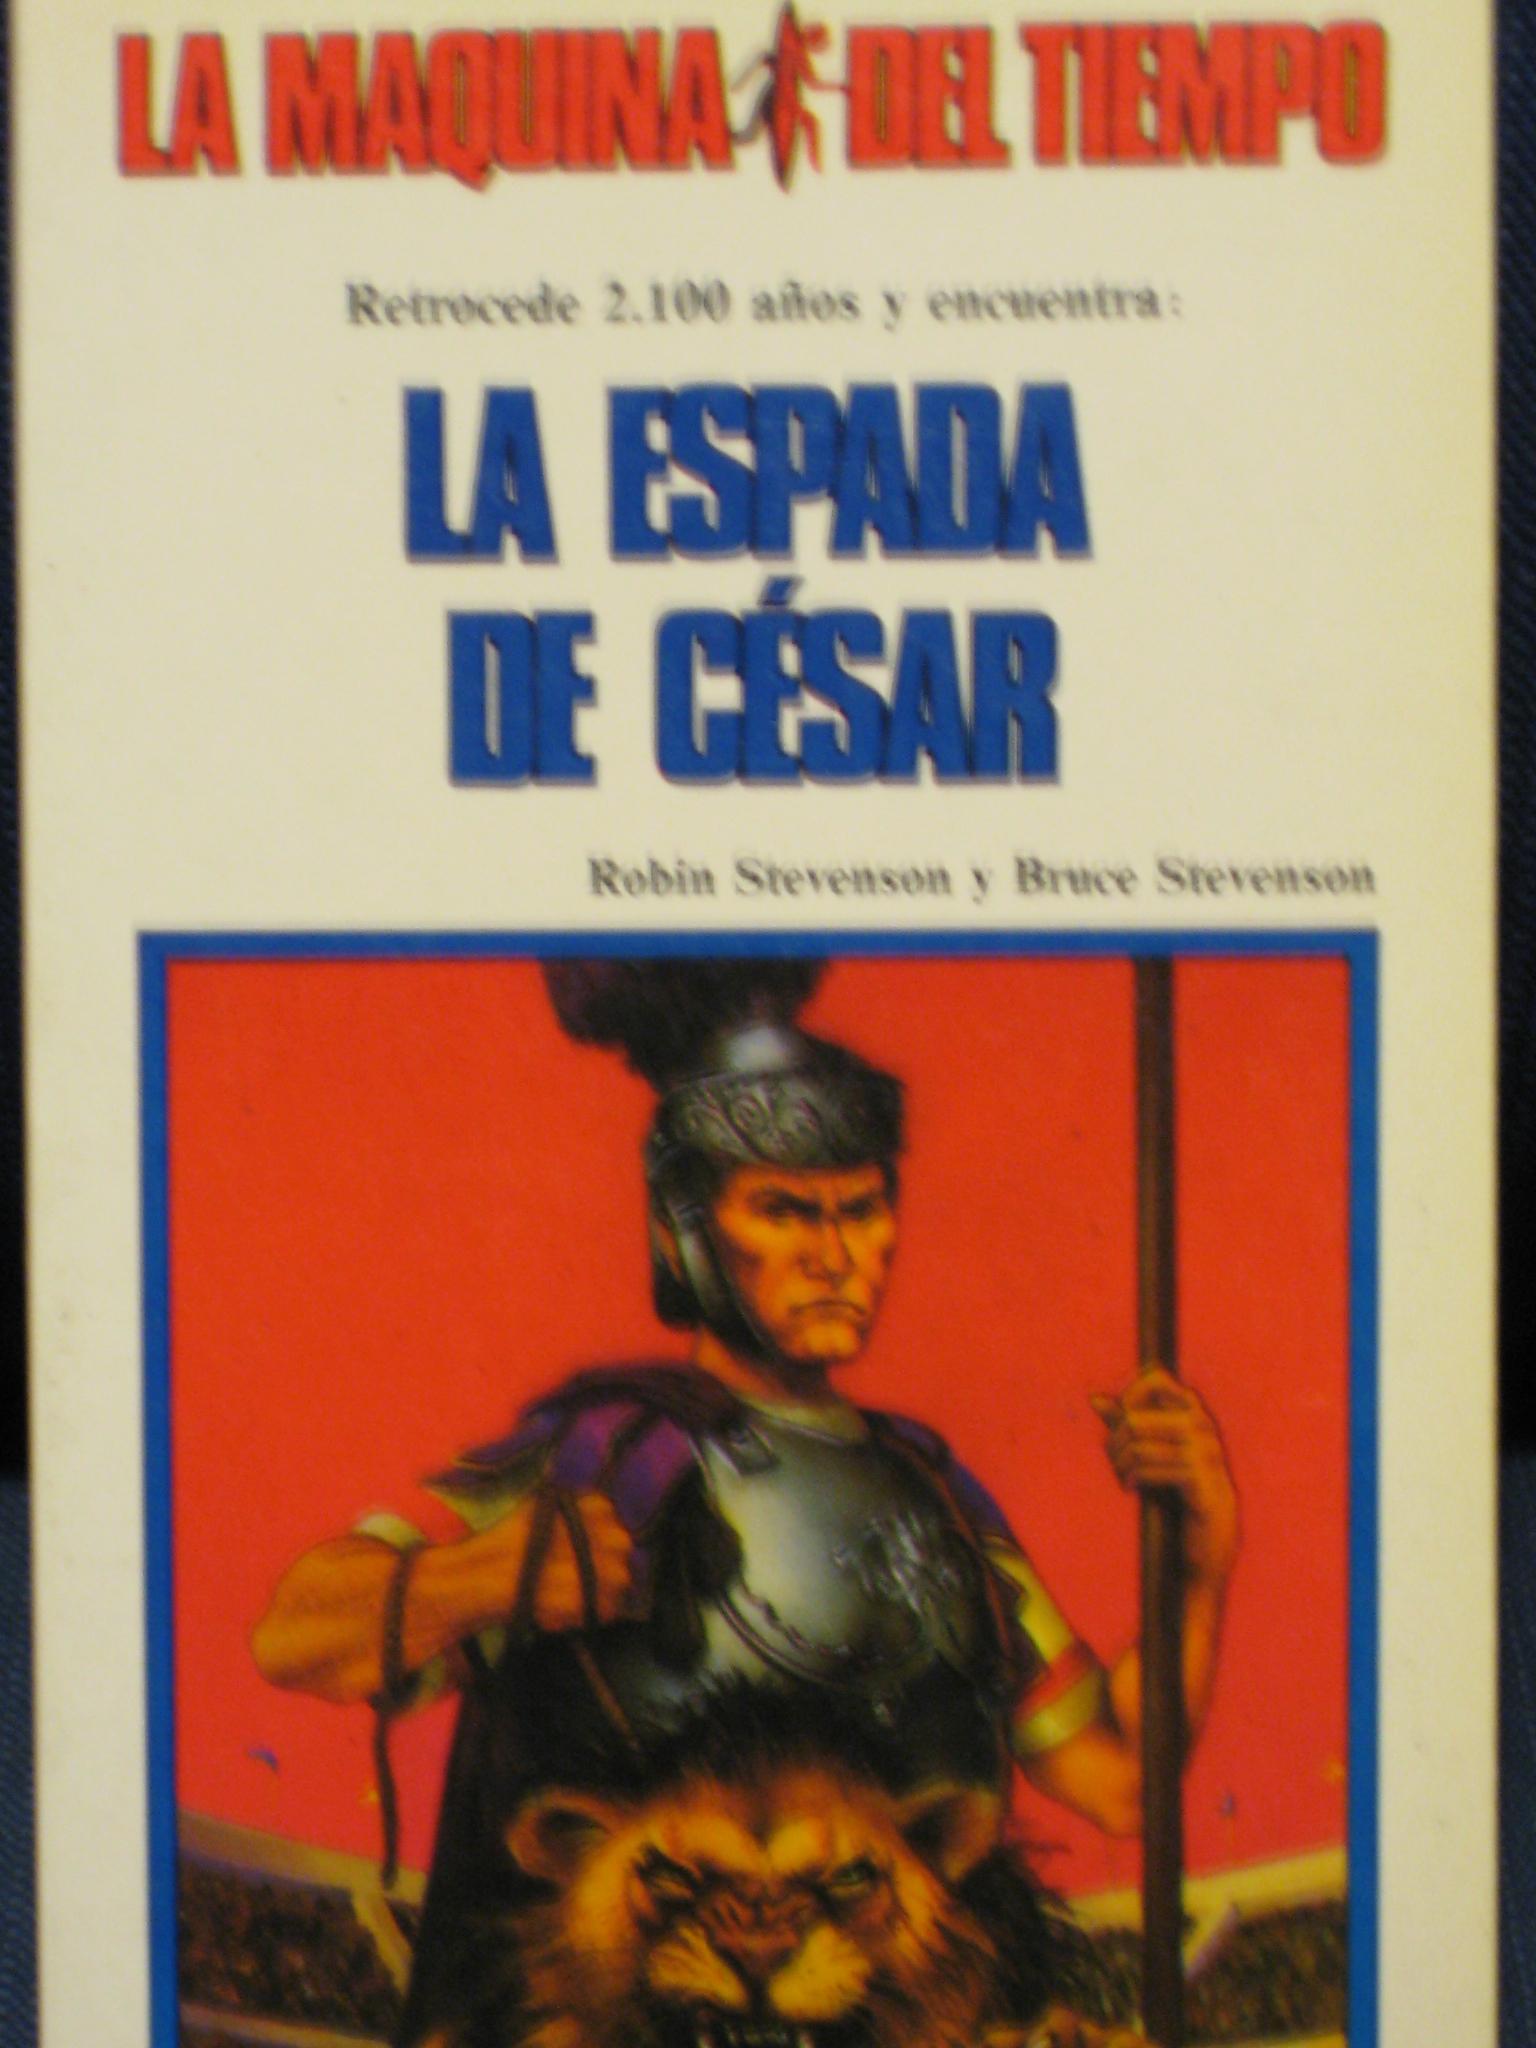 La espada de César